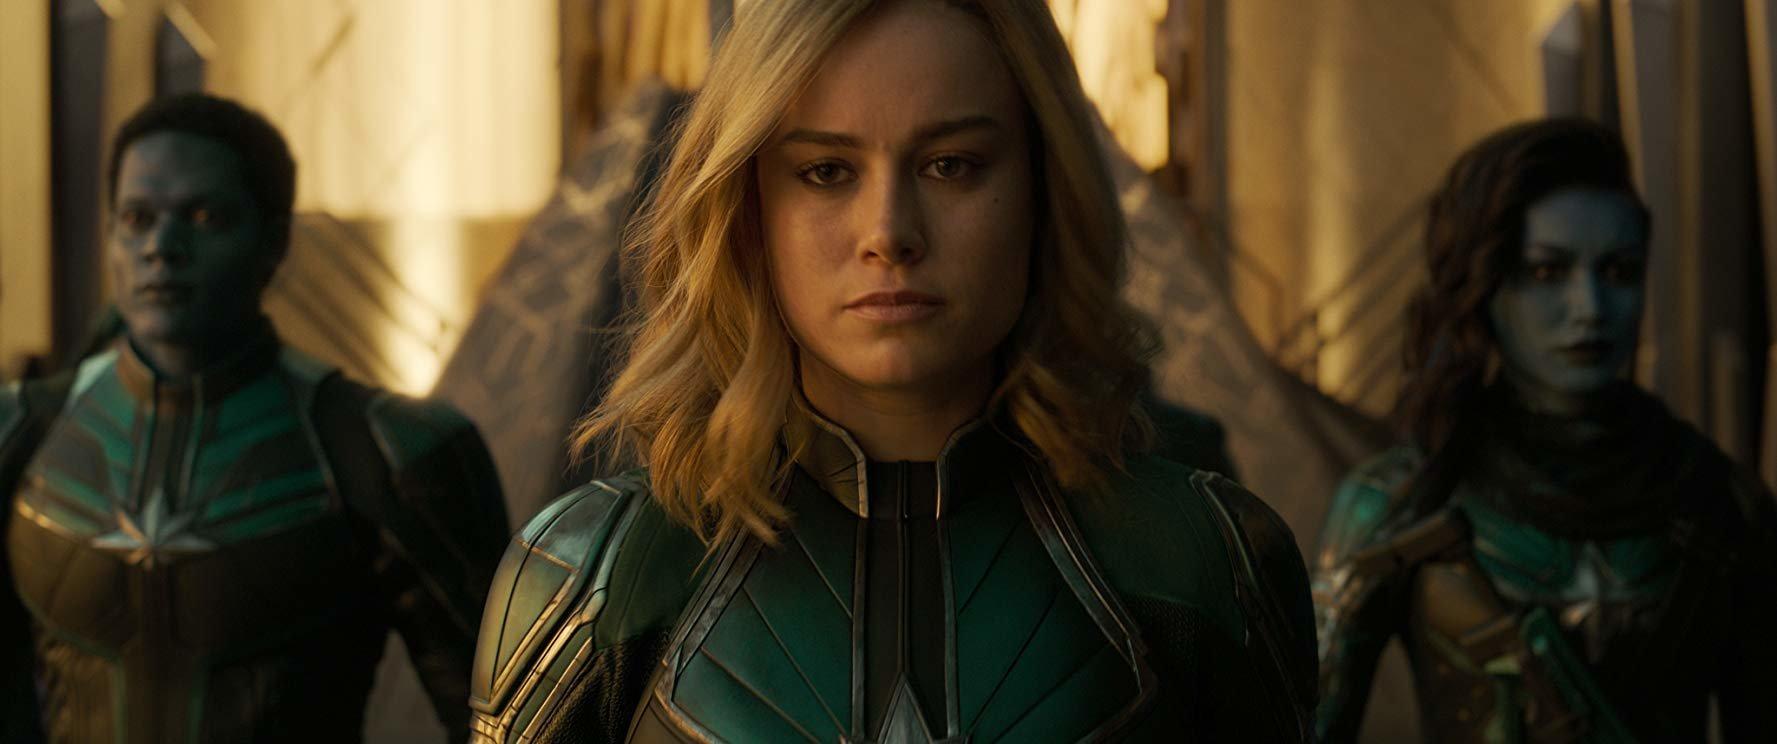 Capitã Marvel: A heroína que não tem que provar nada para